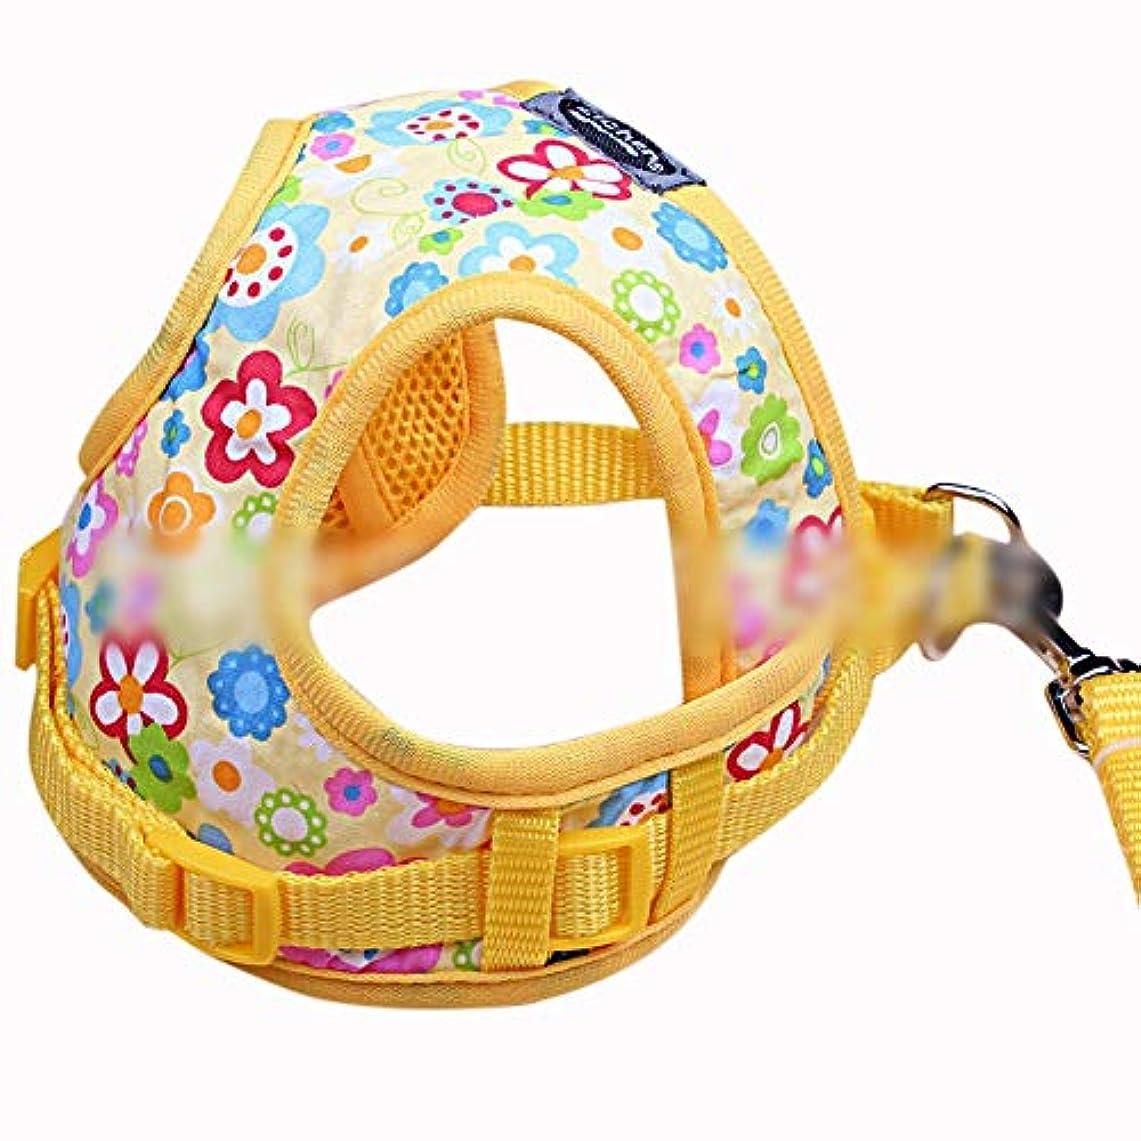 協定プラカードタイムリーなWAKABAFK 毎日引いていない犬用ハーネストレイルランニング、ウォーキング、ハイキング、終日着用 (色 : Multicolor)